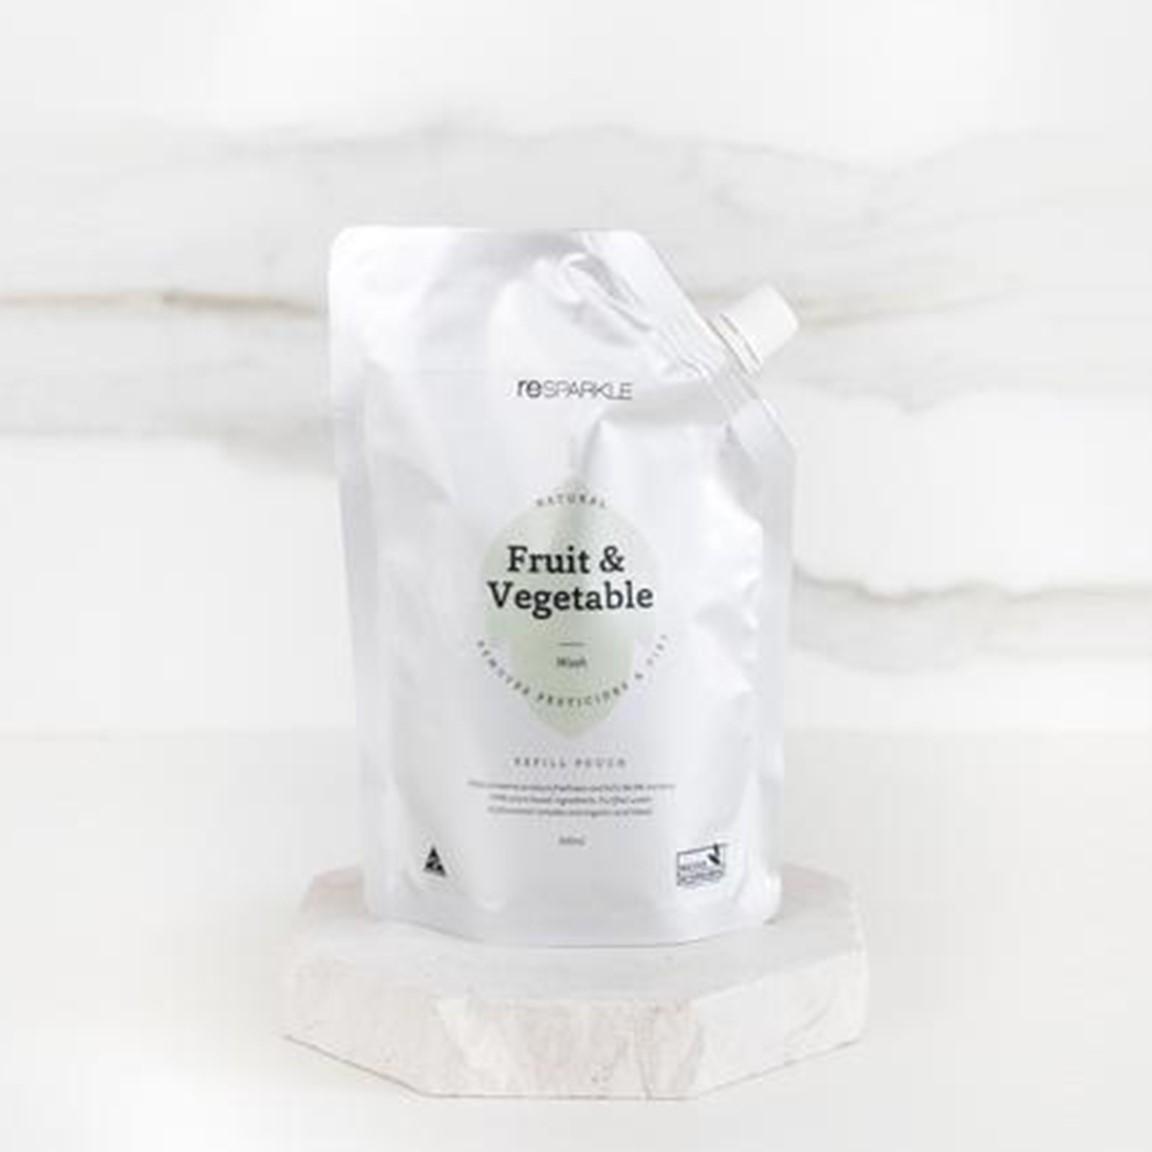 Fruit&Veg refill